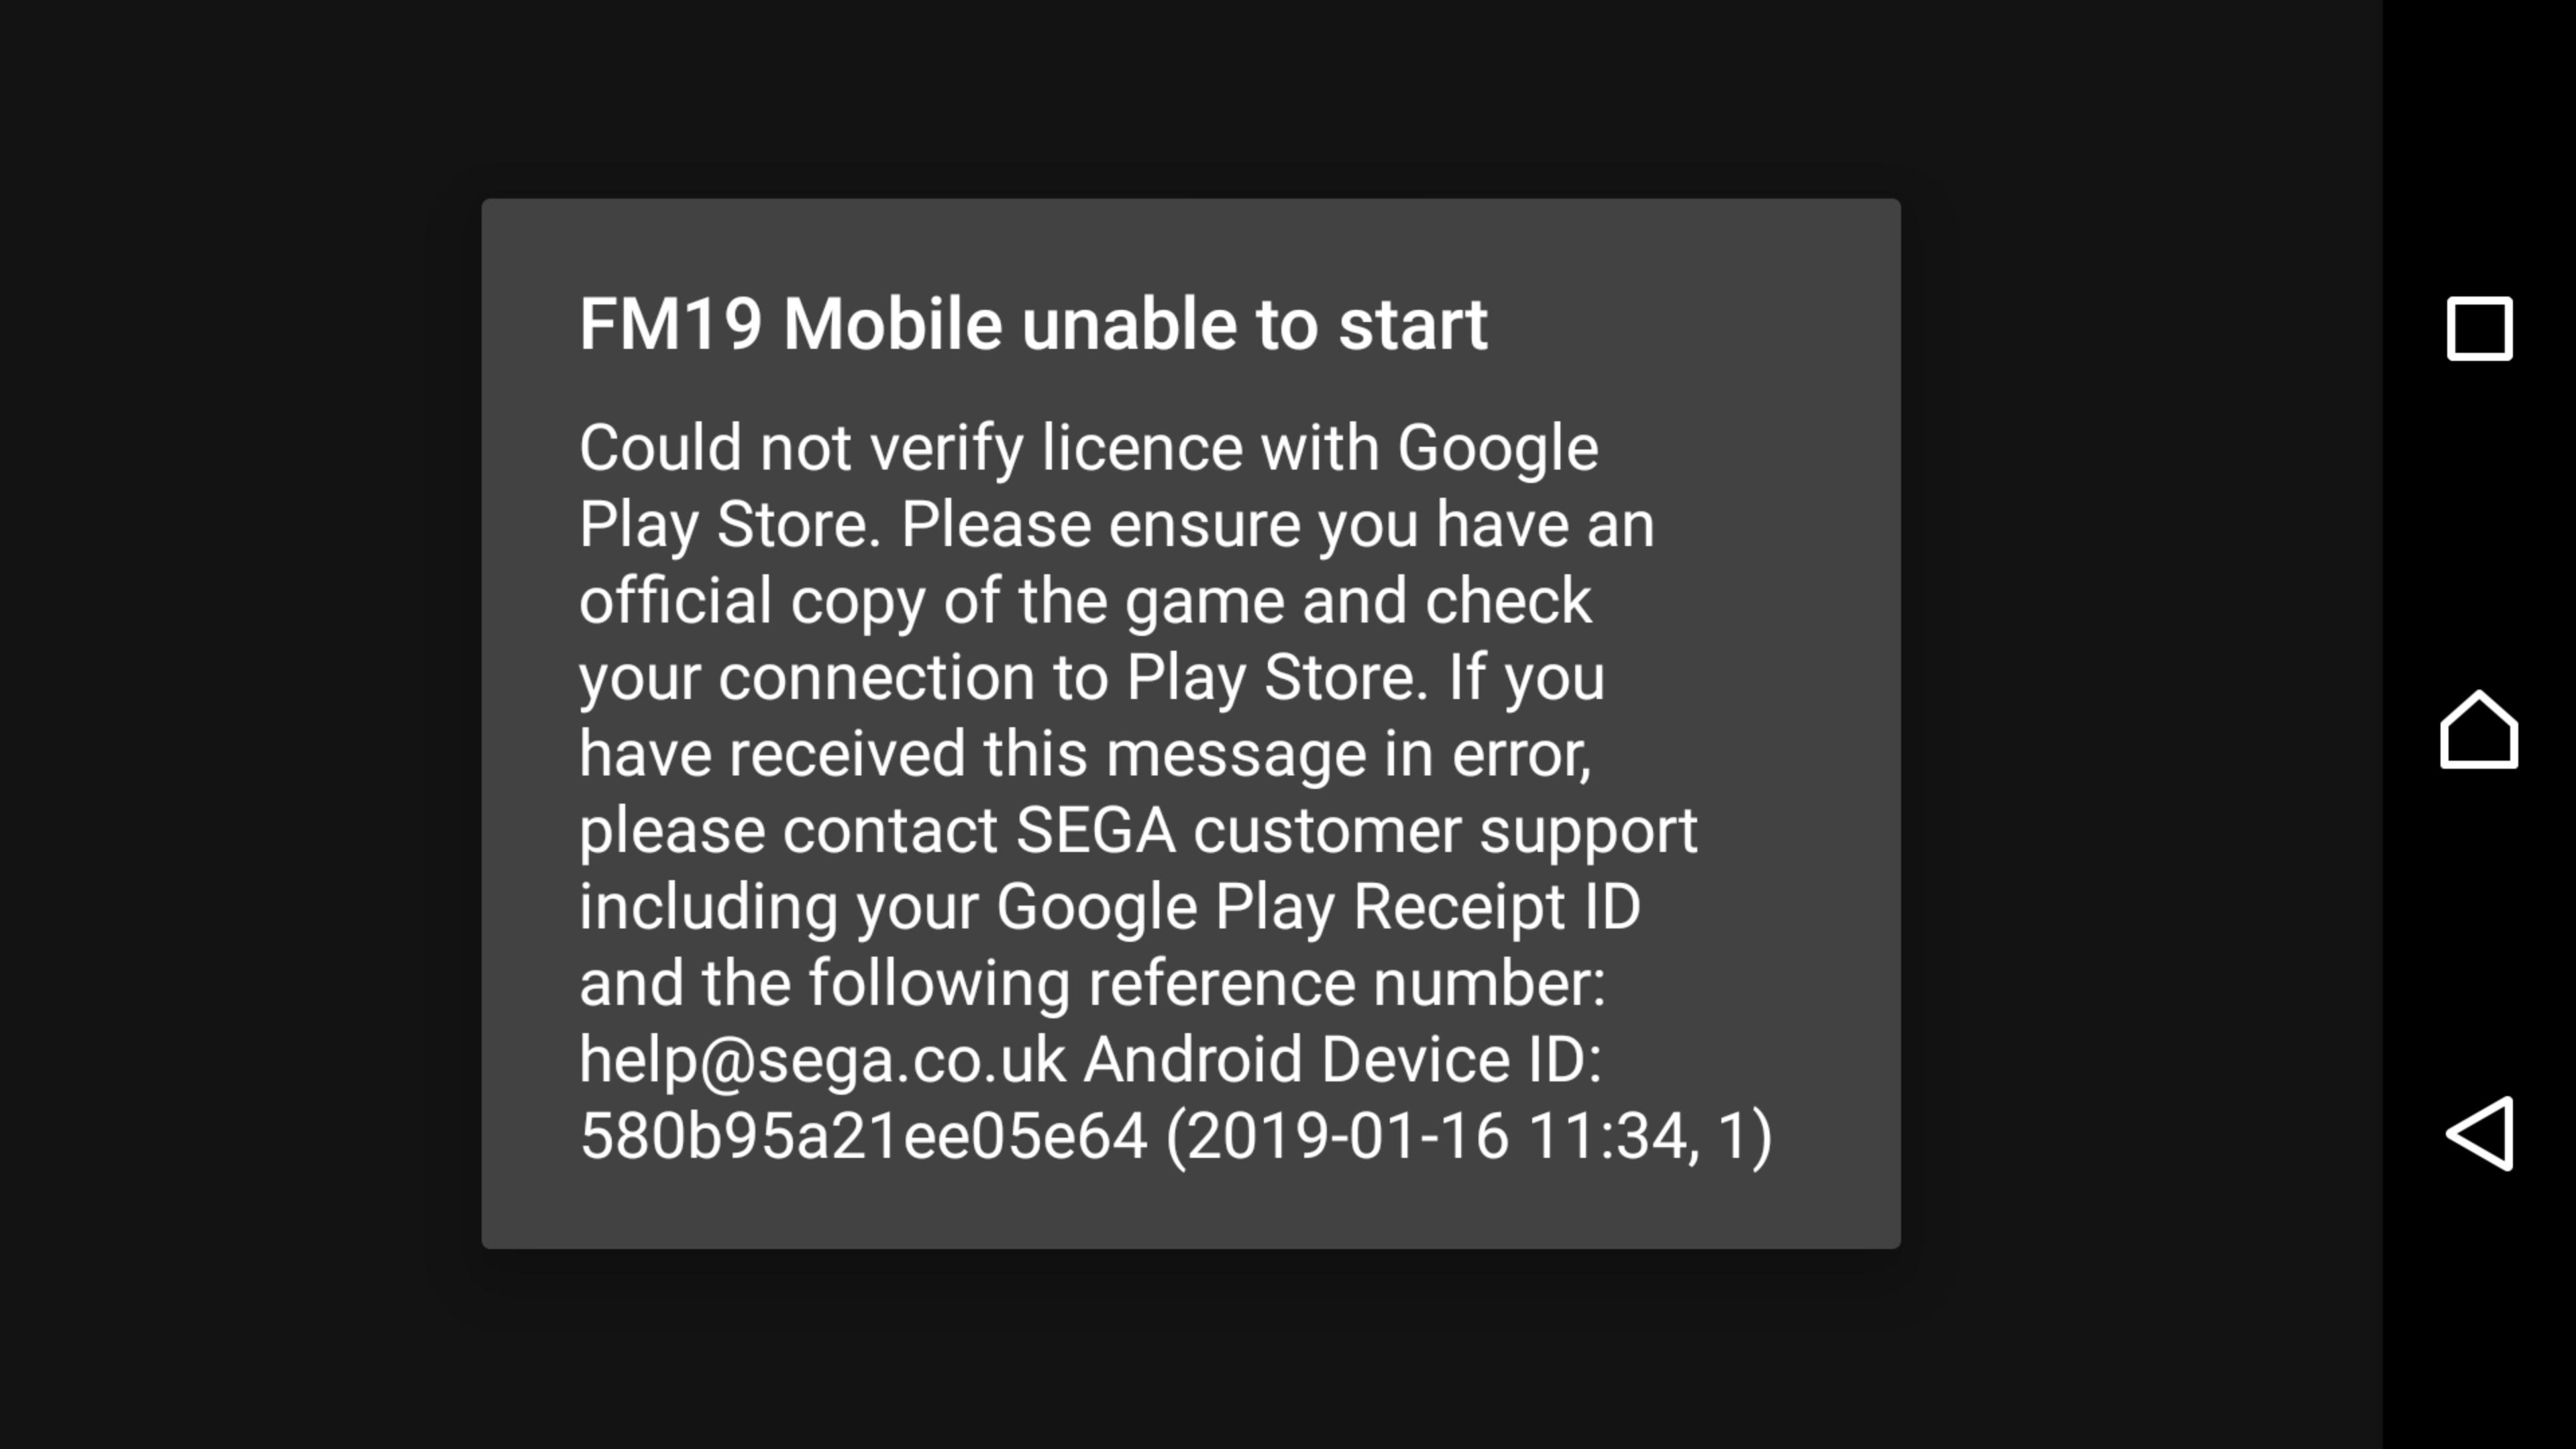 Football Manager 2019 Mobile Mod apk download - Sega